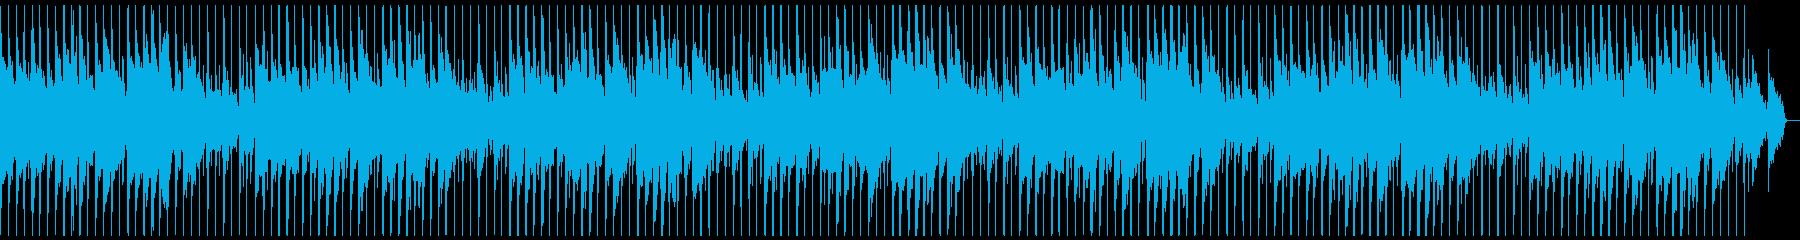 (生音)お洒落なバーでほろ酔い気分ビートの再生済みの波形